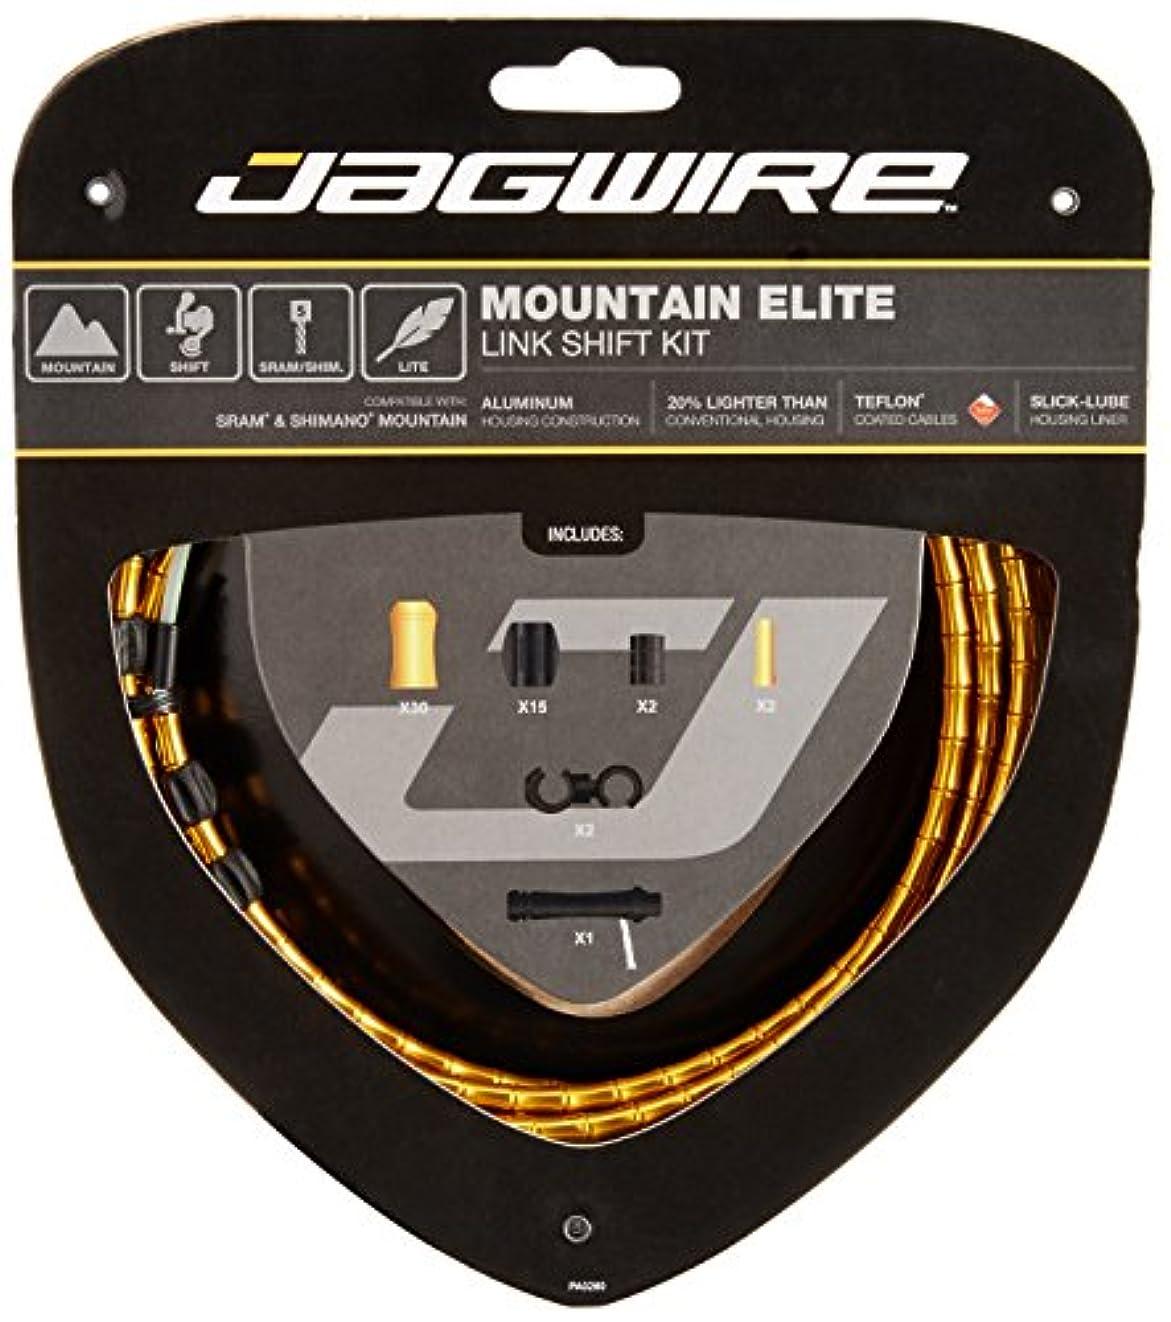 尊厳理論的受粉するJAG WIRE(ジャグワイヤー) Mountain Elite Link Shift Kit ゴールド MCK552